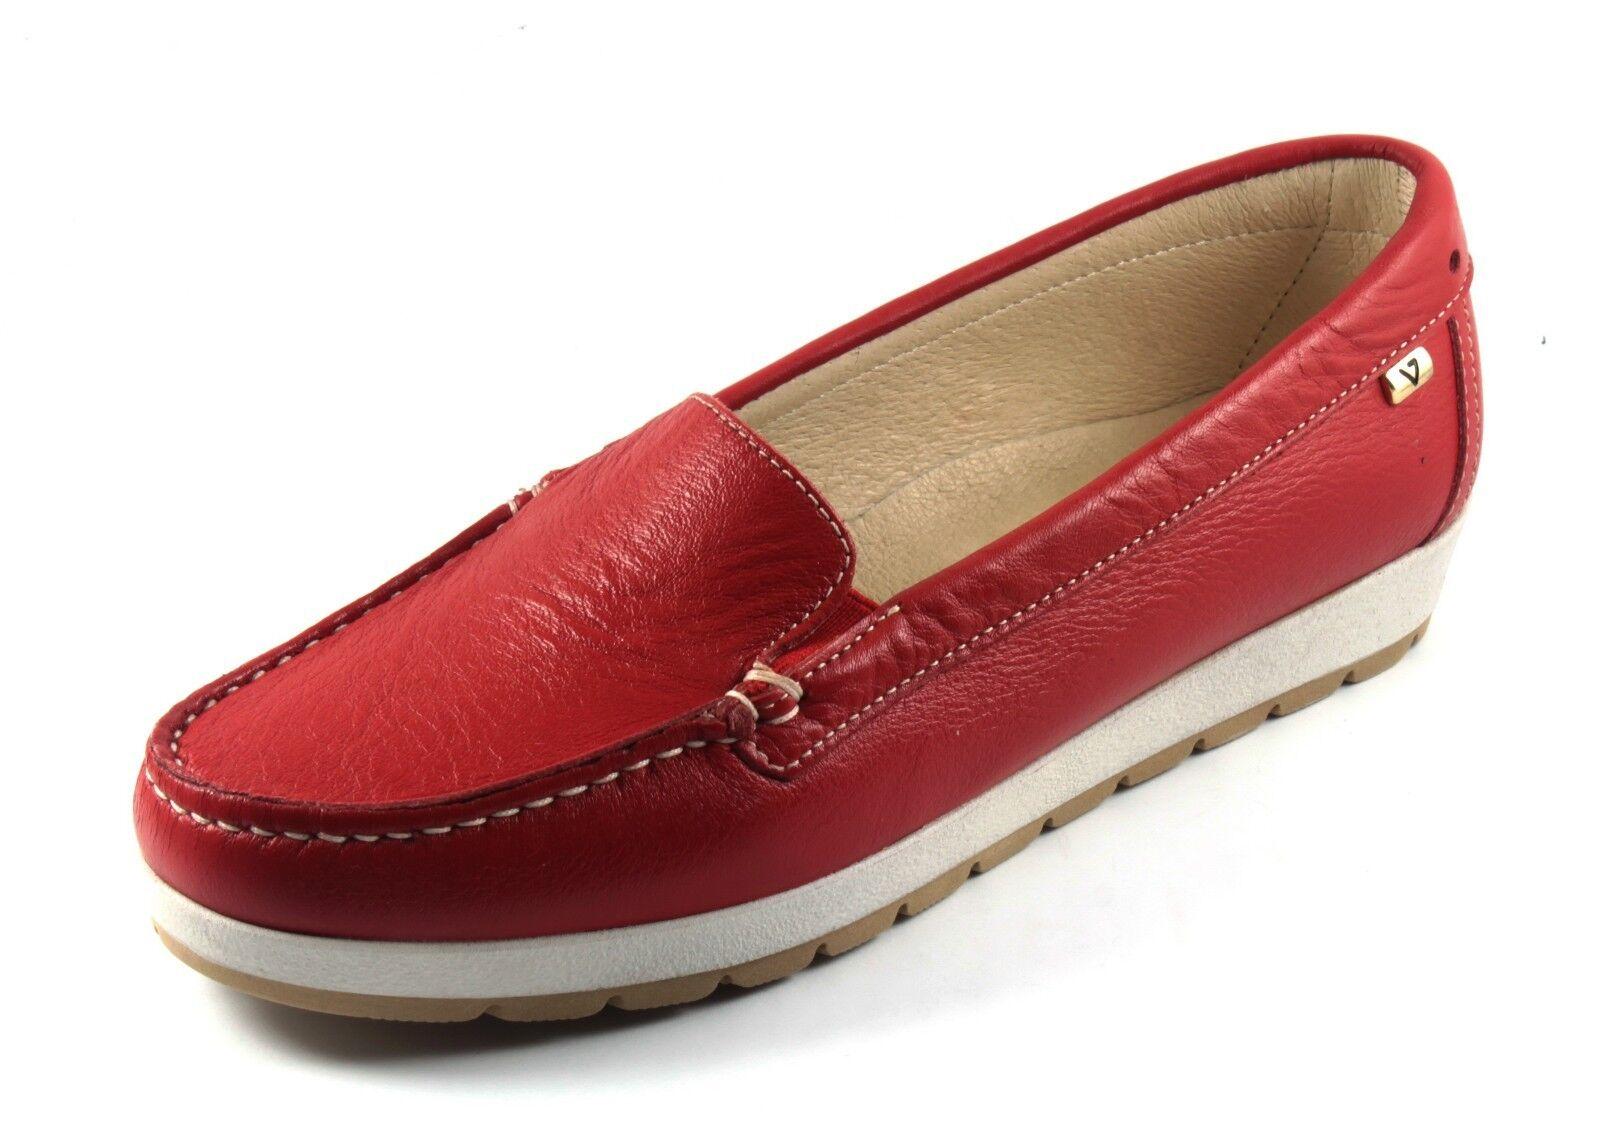 VALLEverde zapatos zapatos zapatos mujer MOCASSINO ESTIVE  PELLE rojo CORALLO MODA CONFORT n. 40  los clientes primero